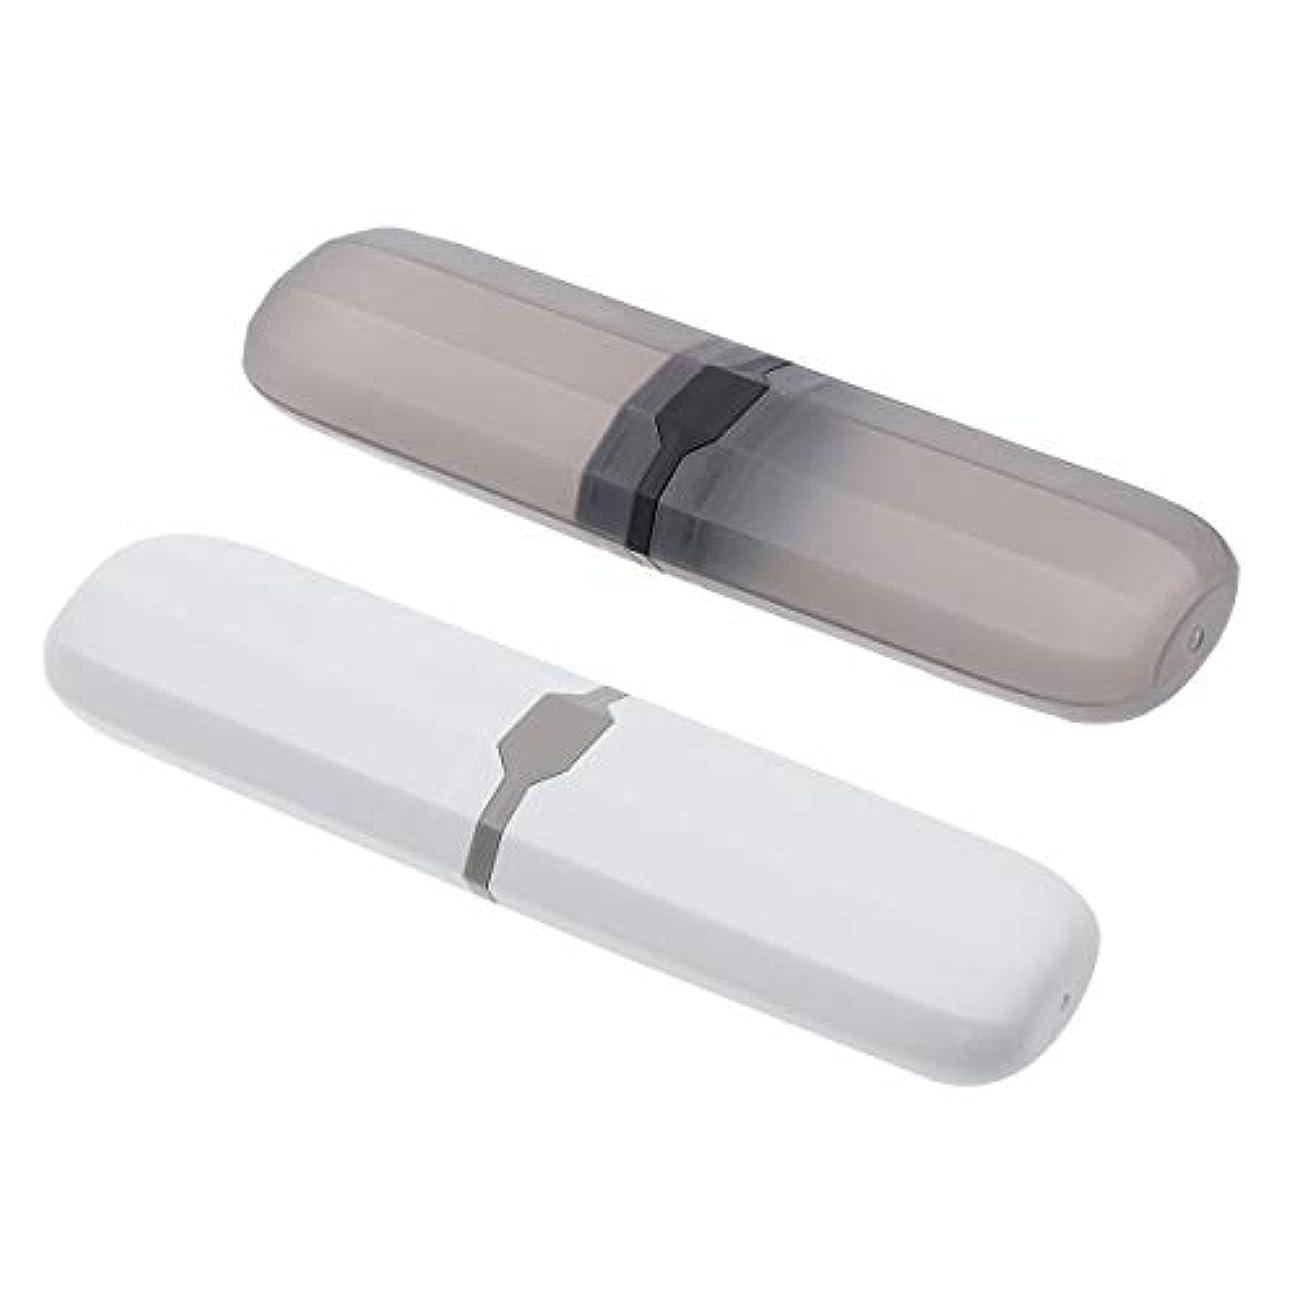 借りているアサー優越Healifty 歯ブラシカバー屋外2ピース(黒と青)のポータブル歯ブラシケース